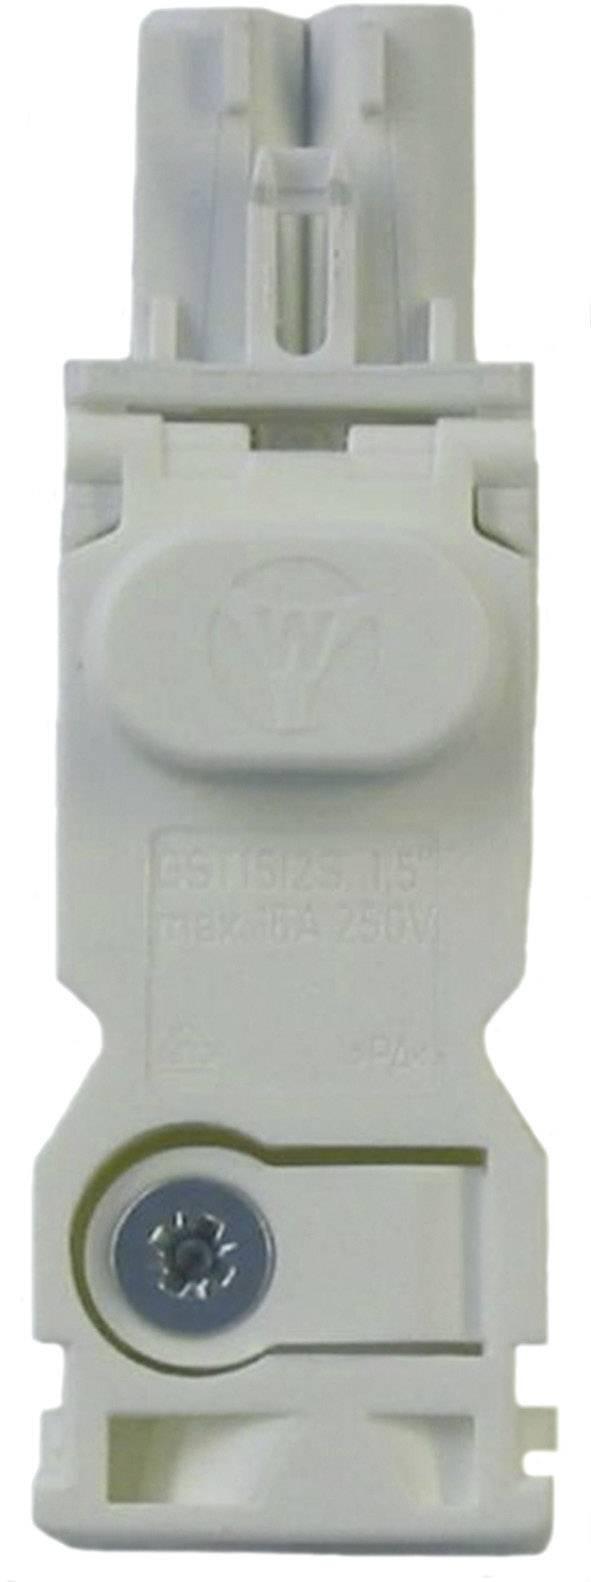 Vstupní napájecí zásuvka pro LED svítidlo série 7L Finder 07L.011